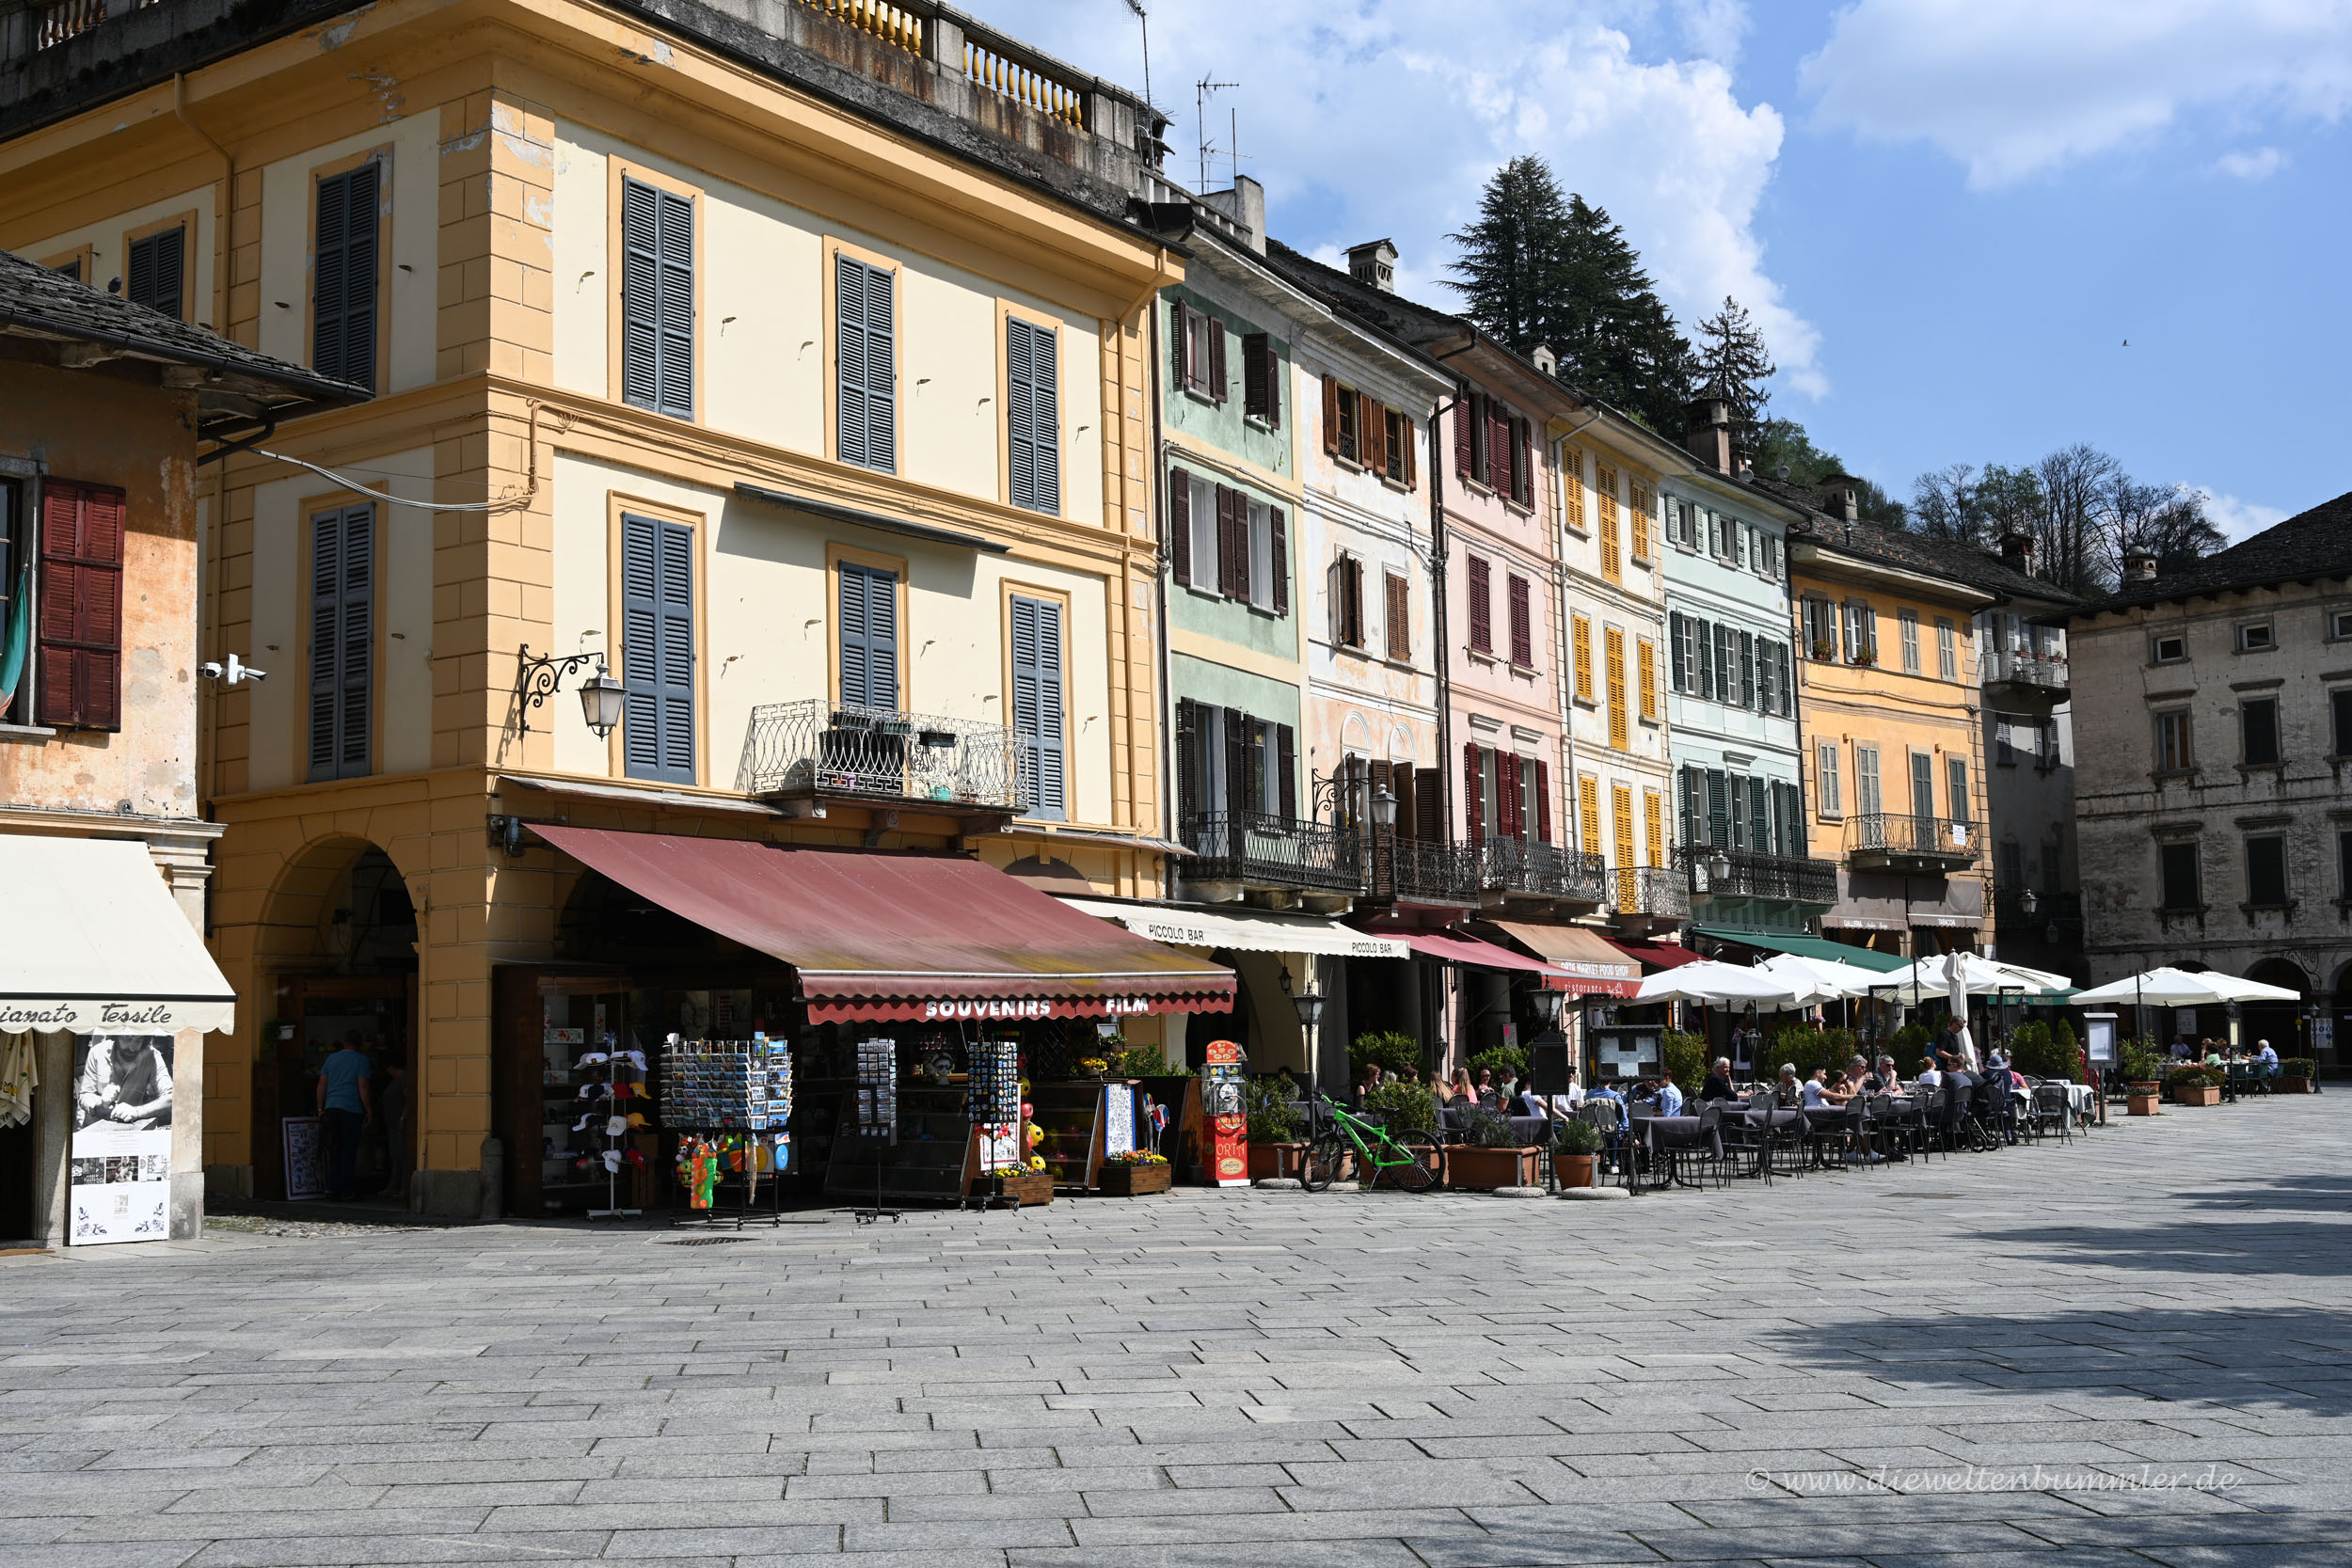 Auf der Piazza in Orta San Giulio